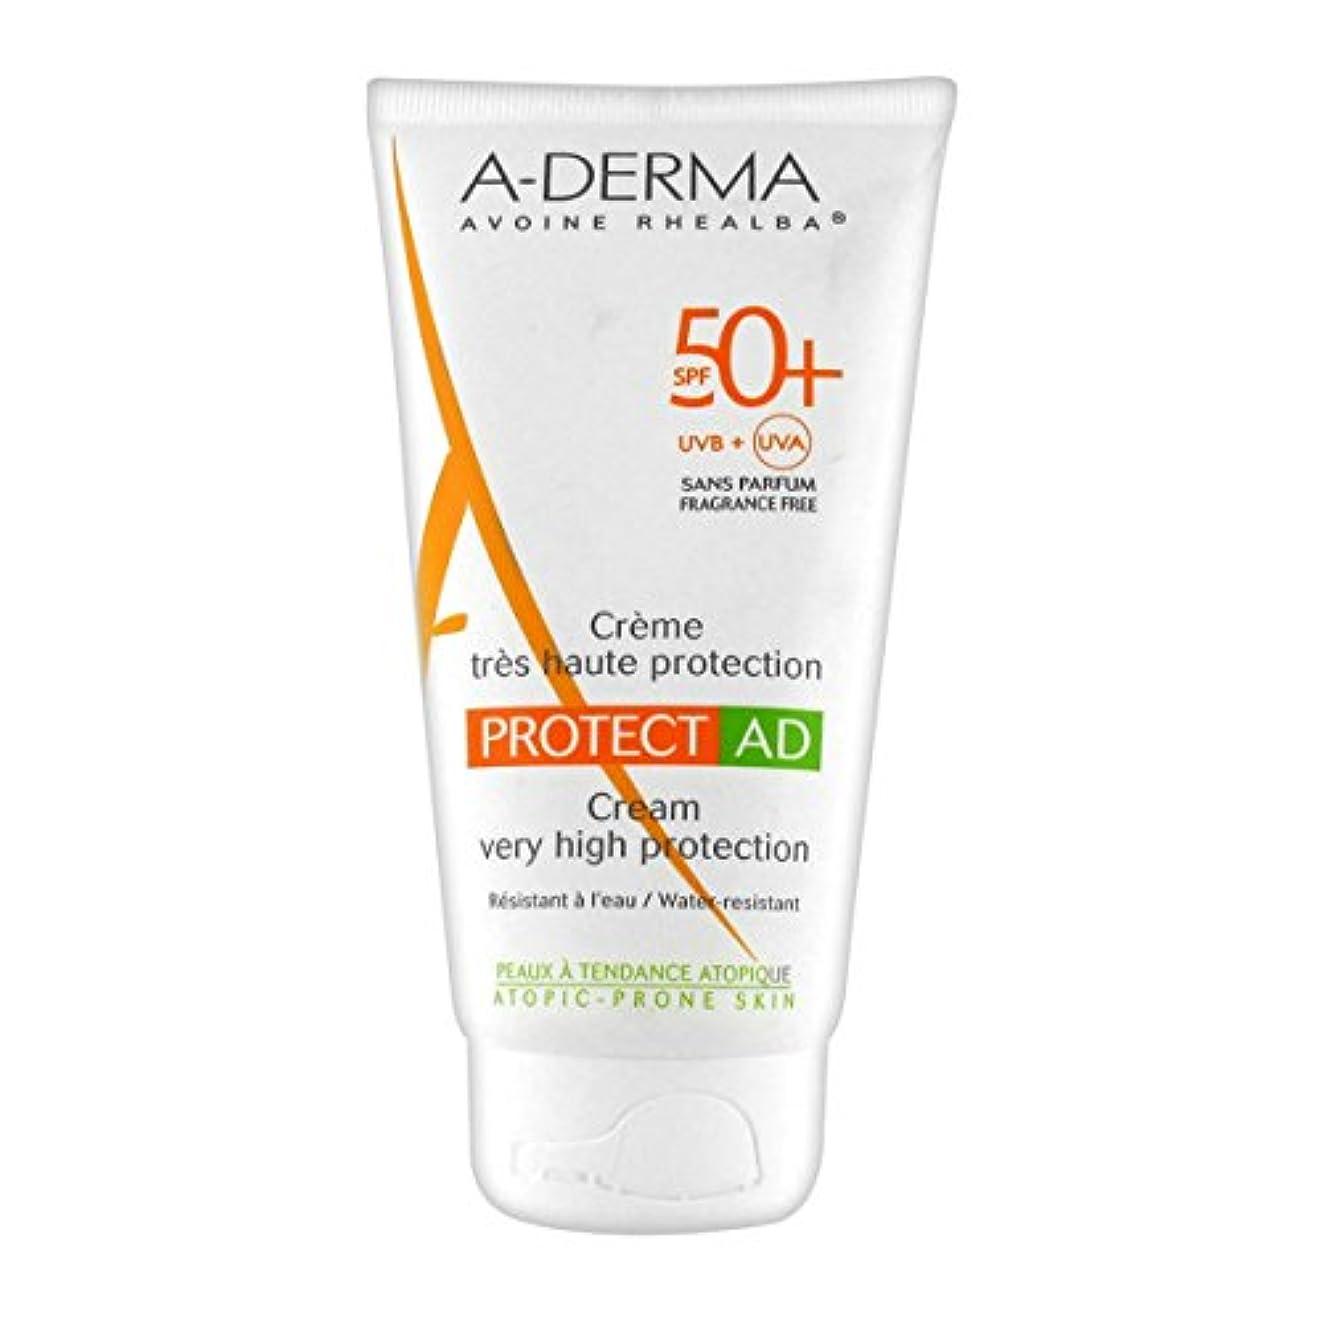 不当スクラブボックスA-derma Protect Ad Cream Spf50+ 150ml [並行輸入品]